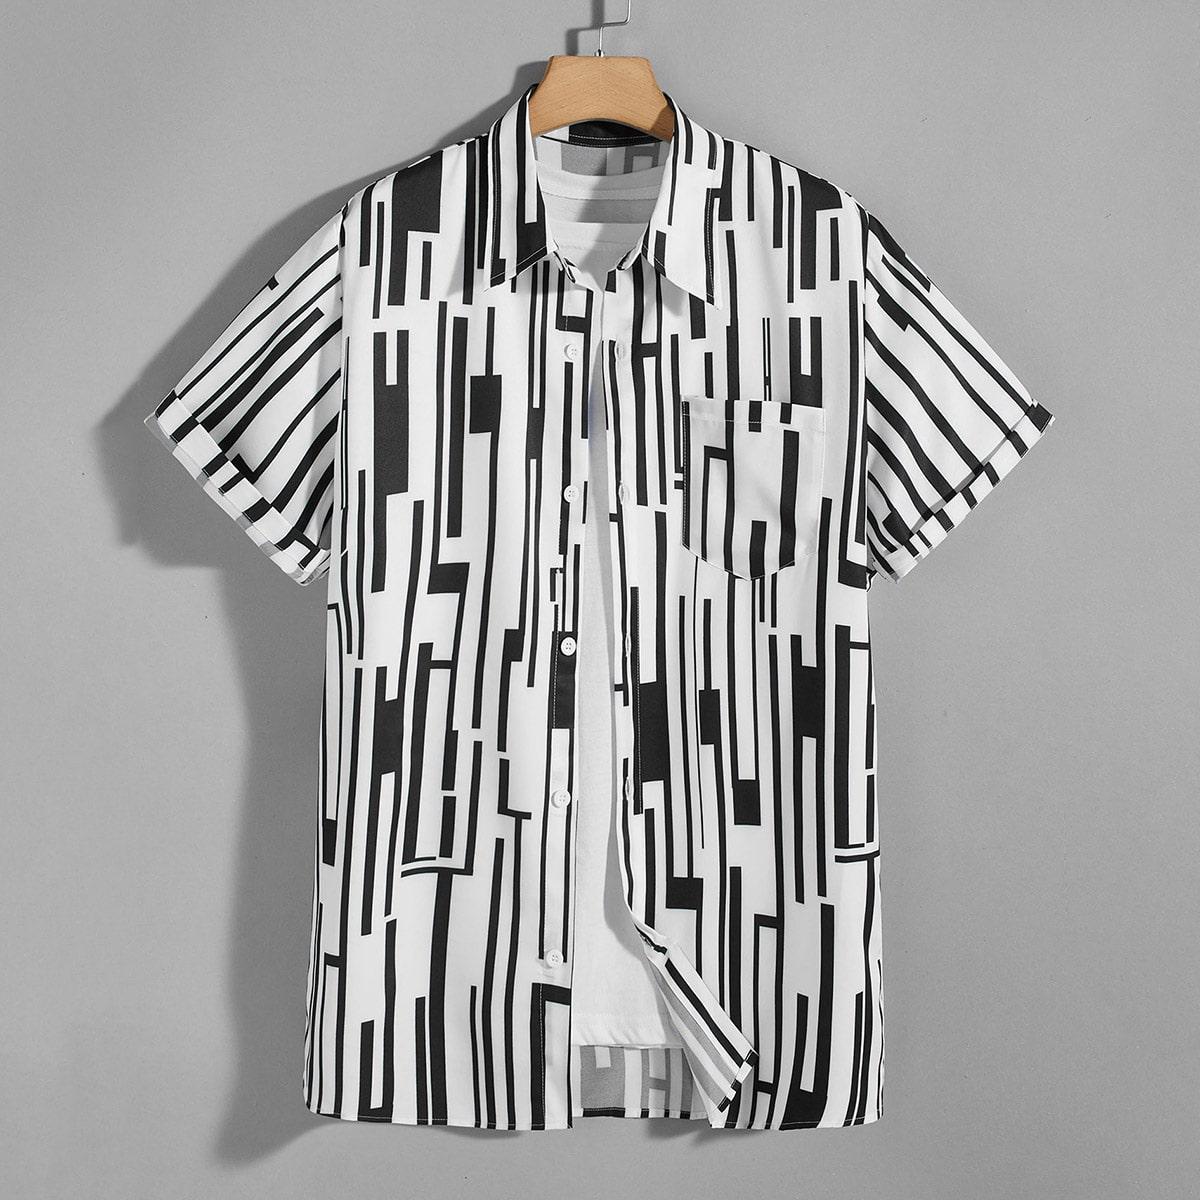 Мужская рубашка в полоску SheIn smshirt03210305961